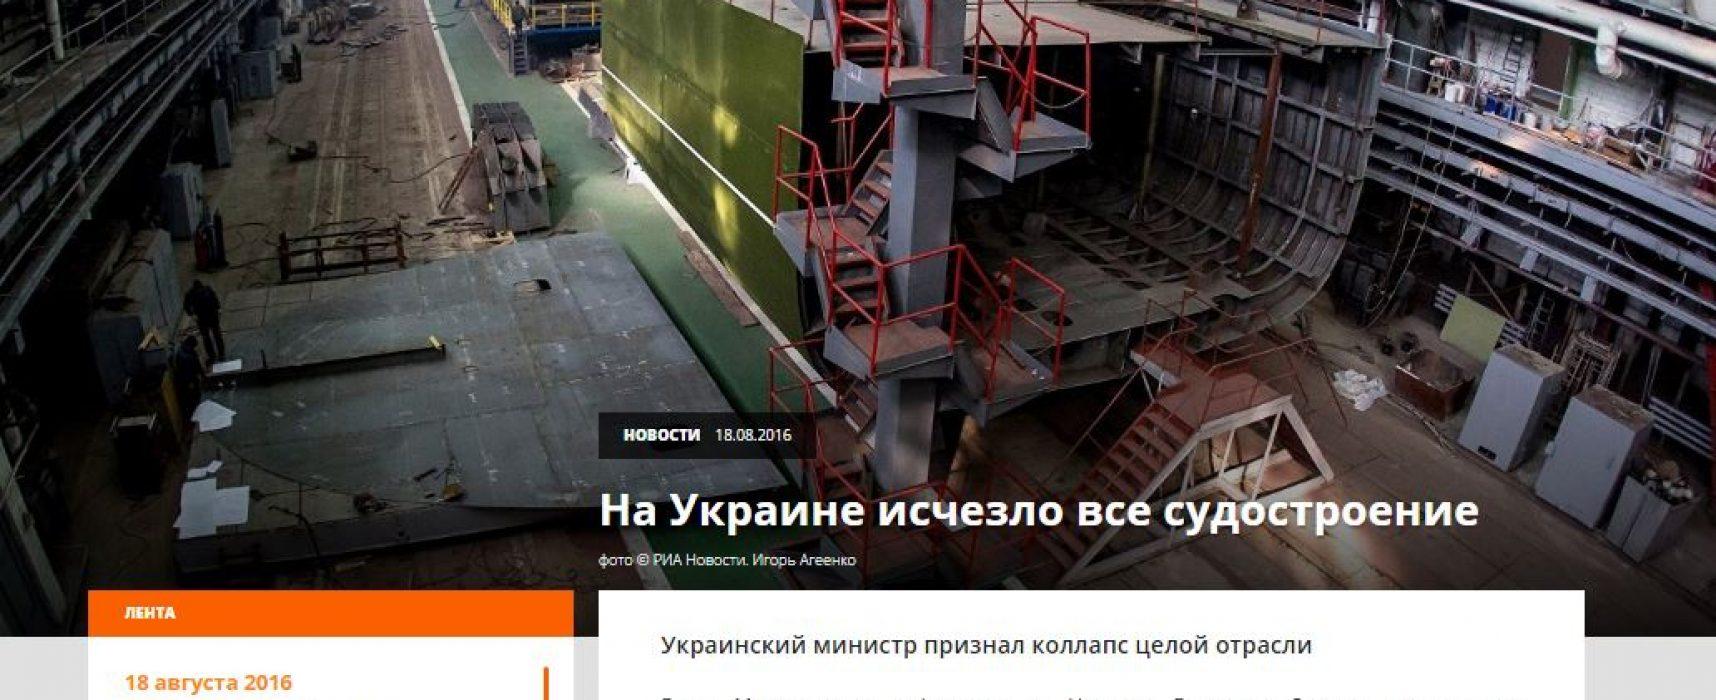 Фейк: В Украине исчезло все судостроение